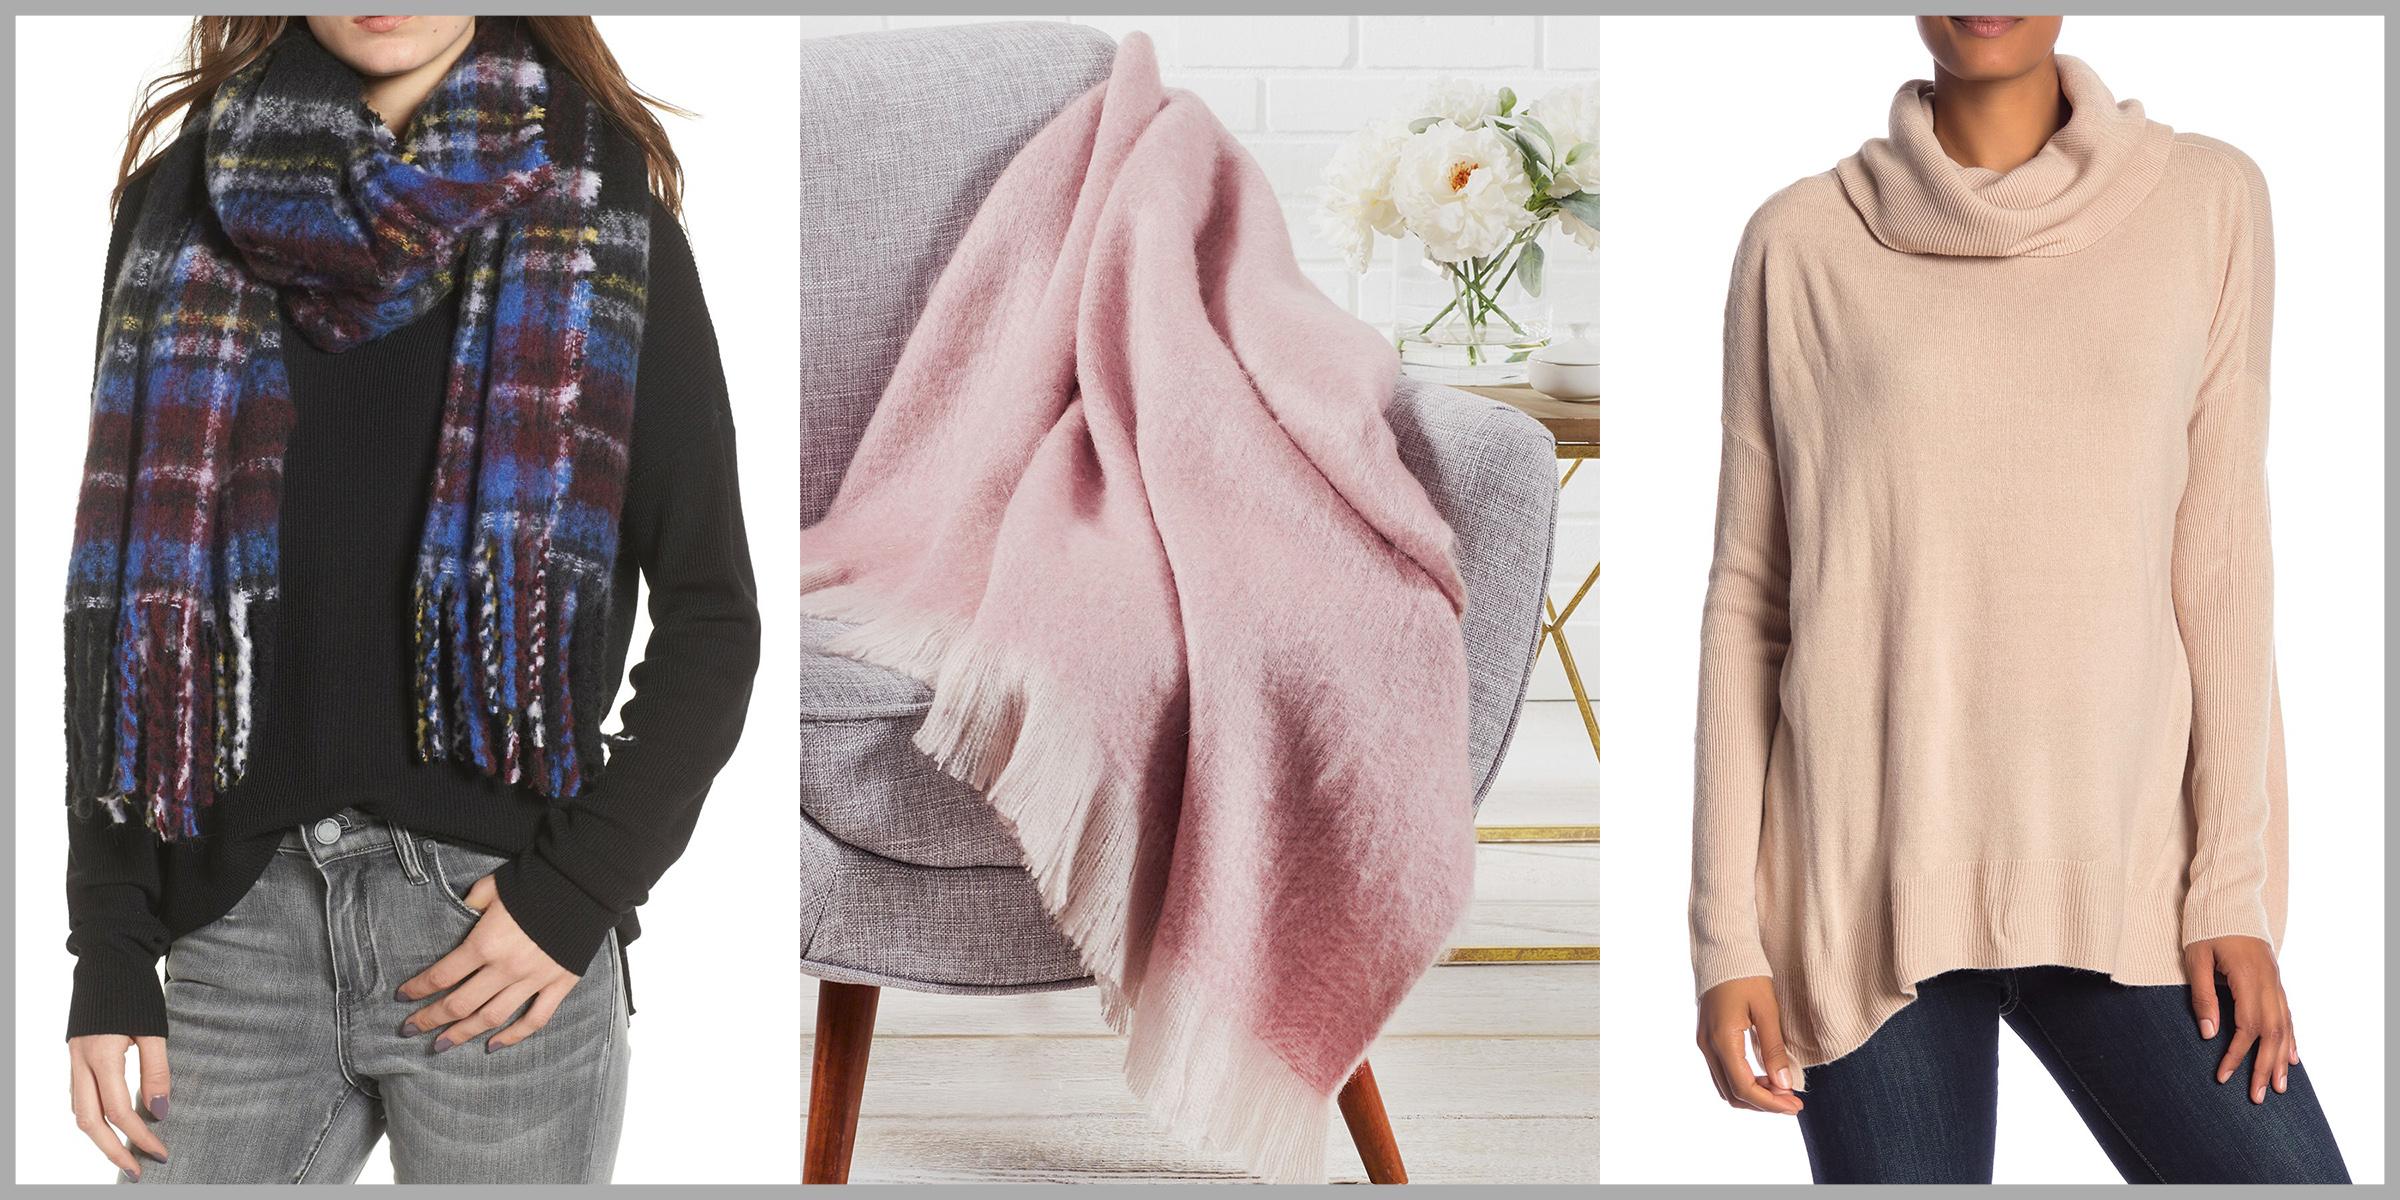 nike fleece knit sweatpants nordstrom rack